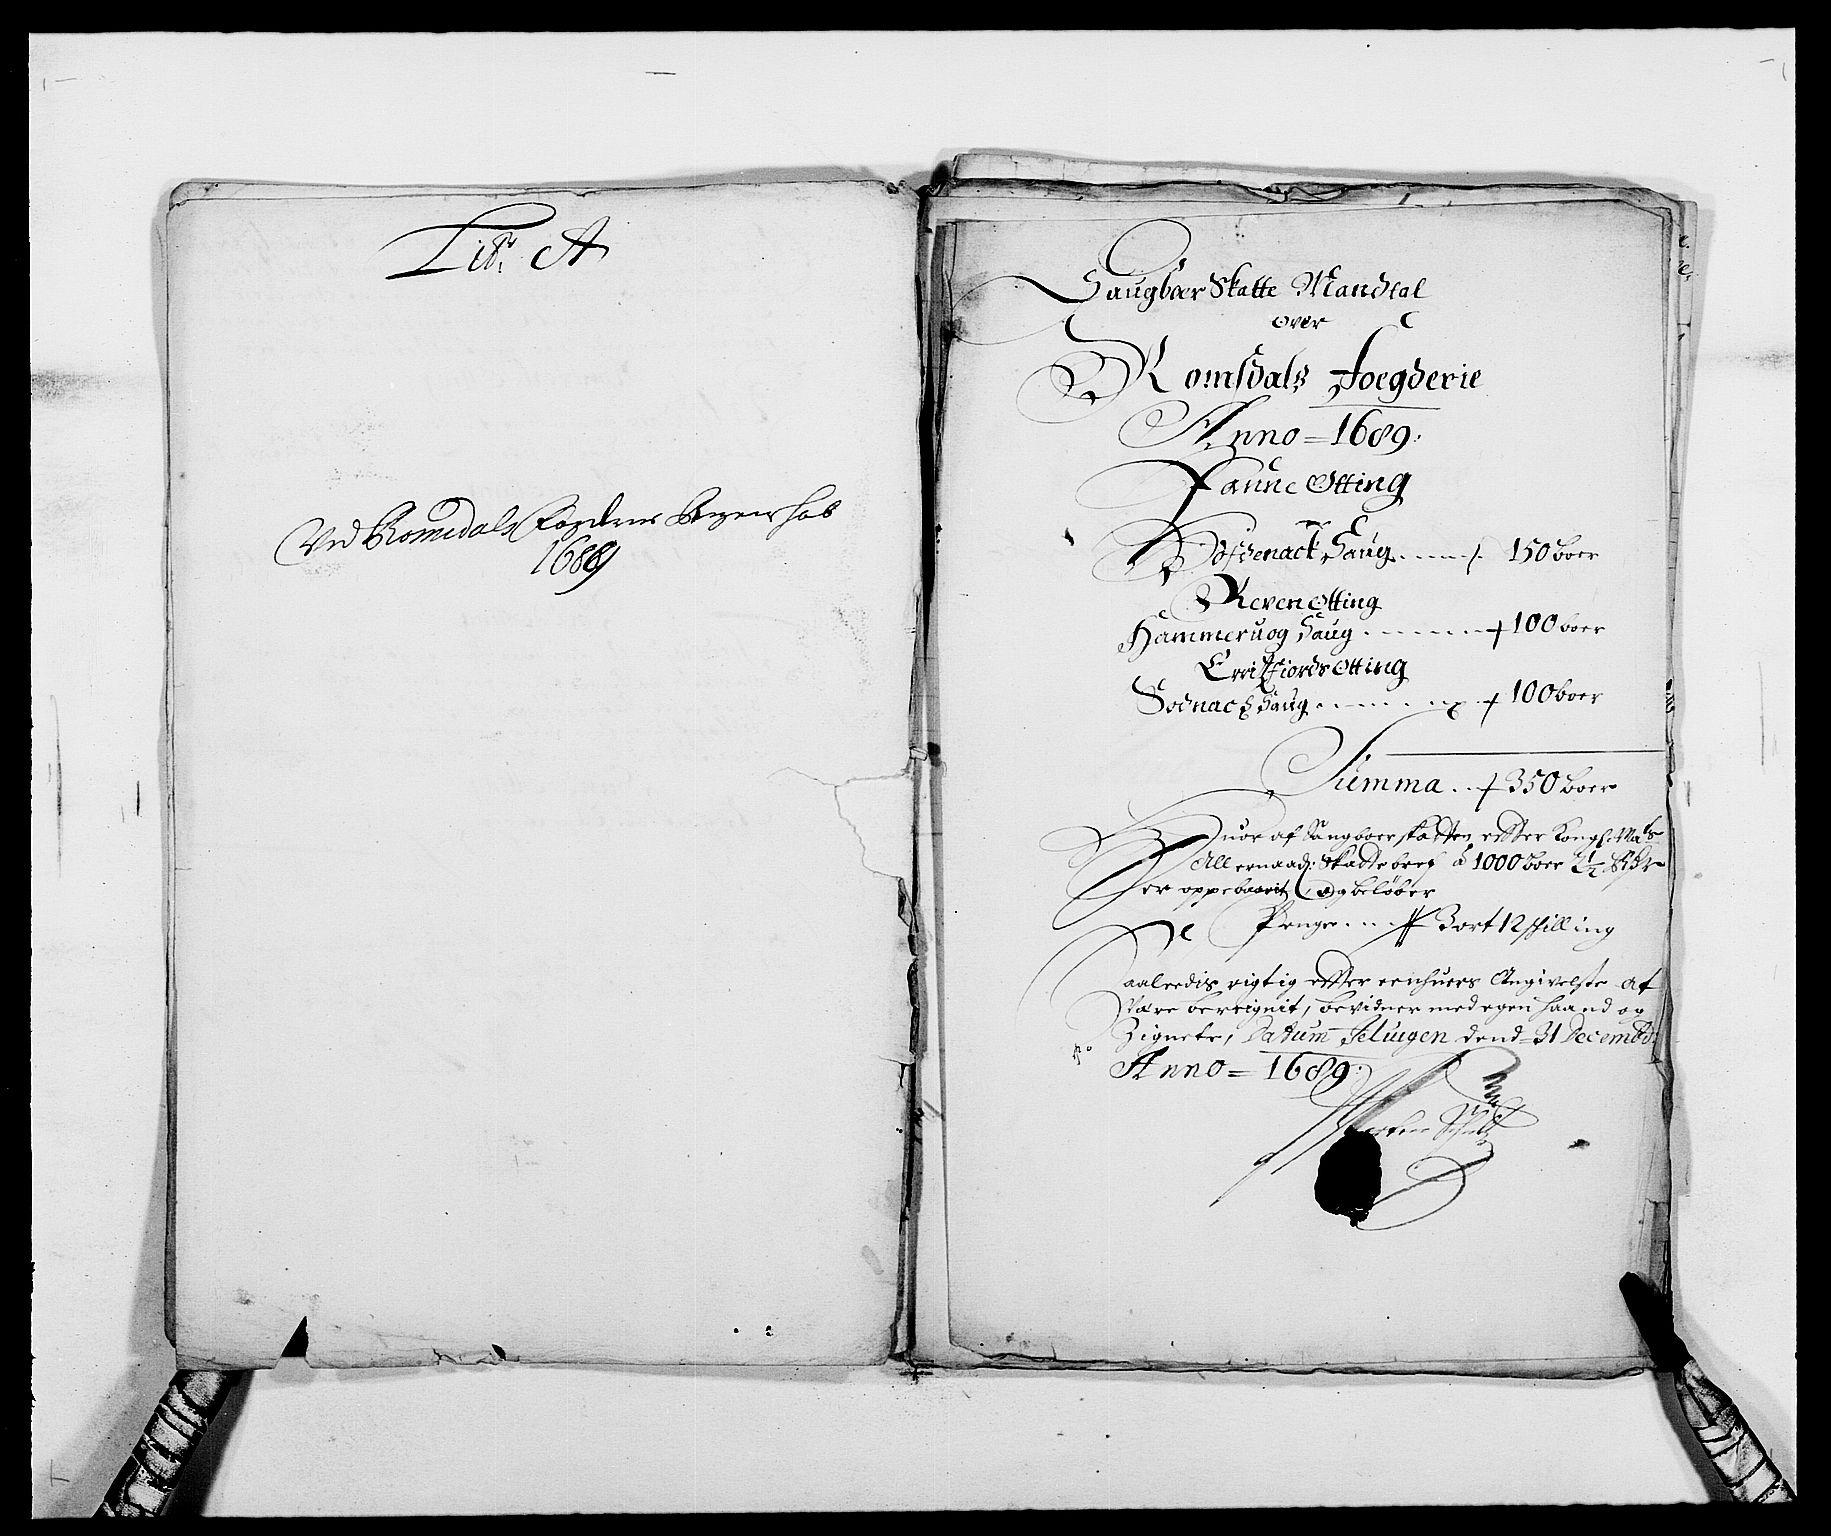 RA, Rentekammeret inntil 1814, Reviderte regnskaper, Fogderegnskap, R55/L3648: Fogderegnskap Romsdal, 1687-1689, s. 317